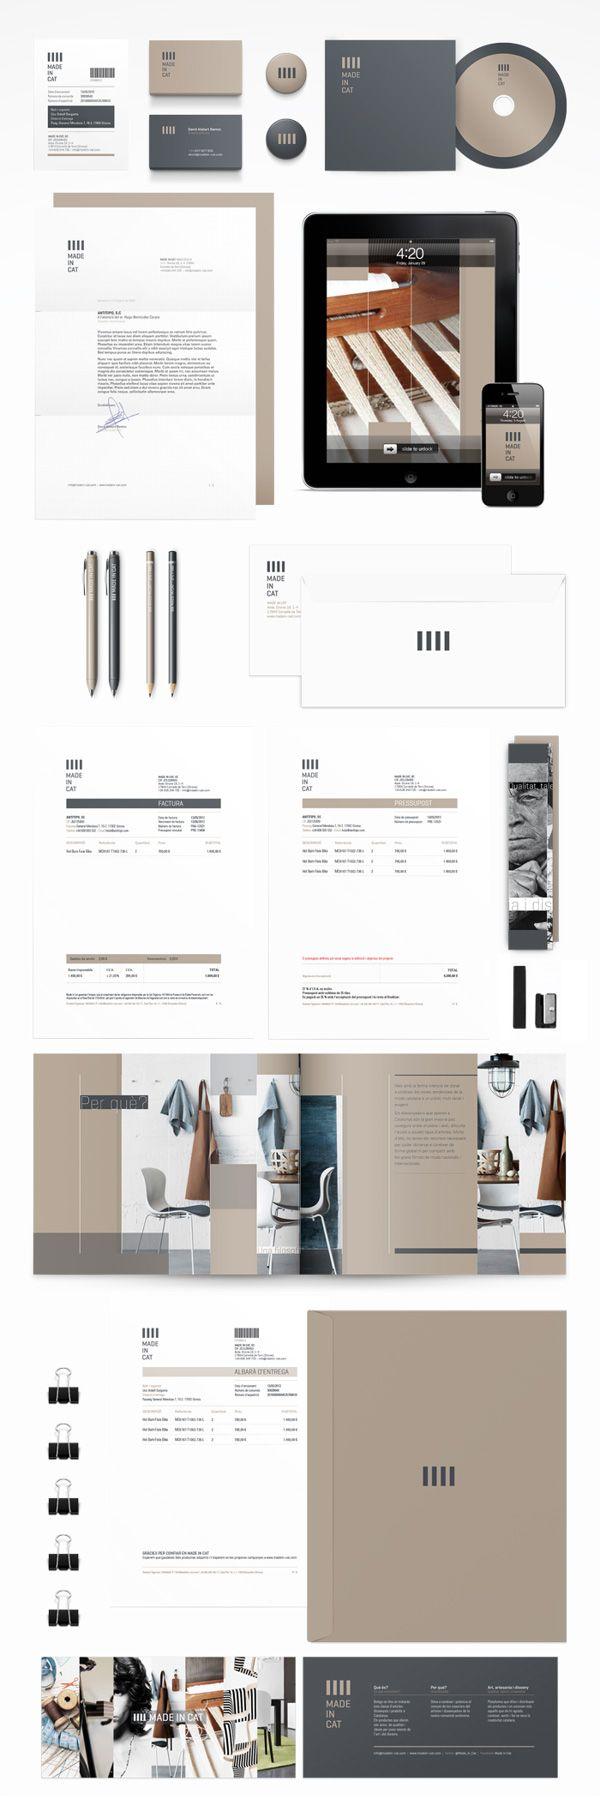 professionelle gesch ftsausstattung 60 inspirationen 44 kr merstra e pinterest. Black Bedroom Furniture Sets. Home Design Ideas